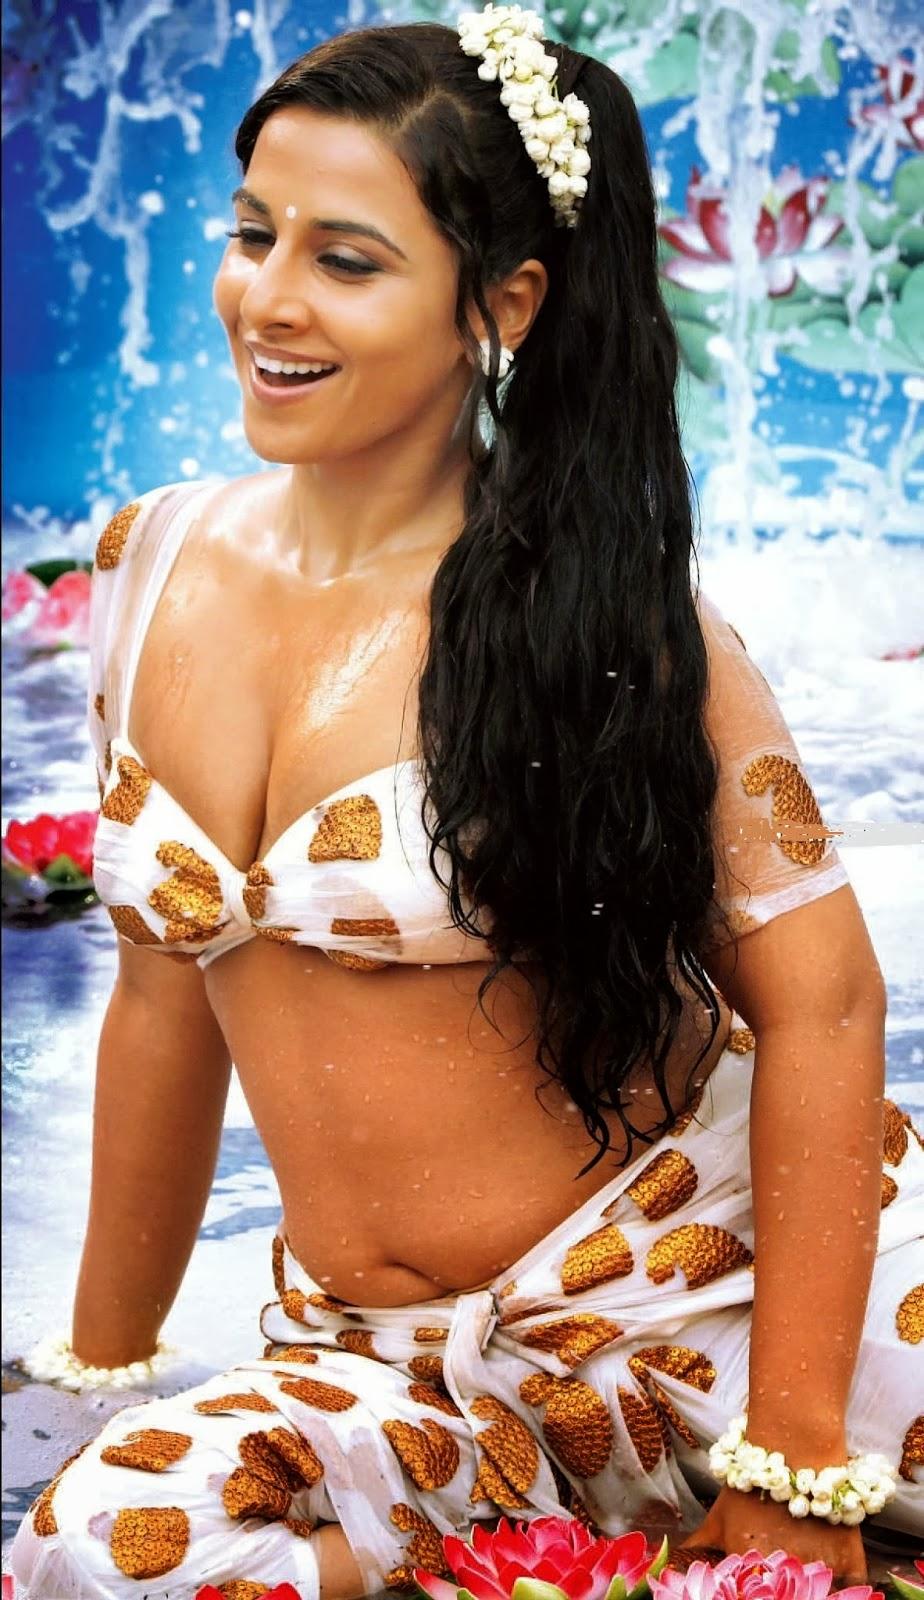 Vidya Balan is an Indian film actress, bollywood actress